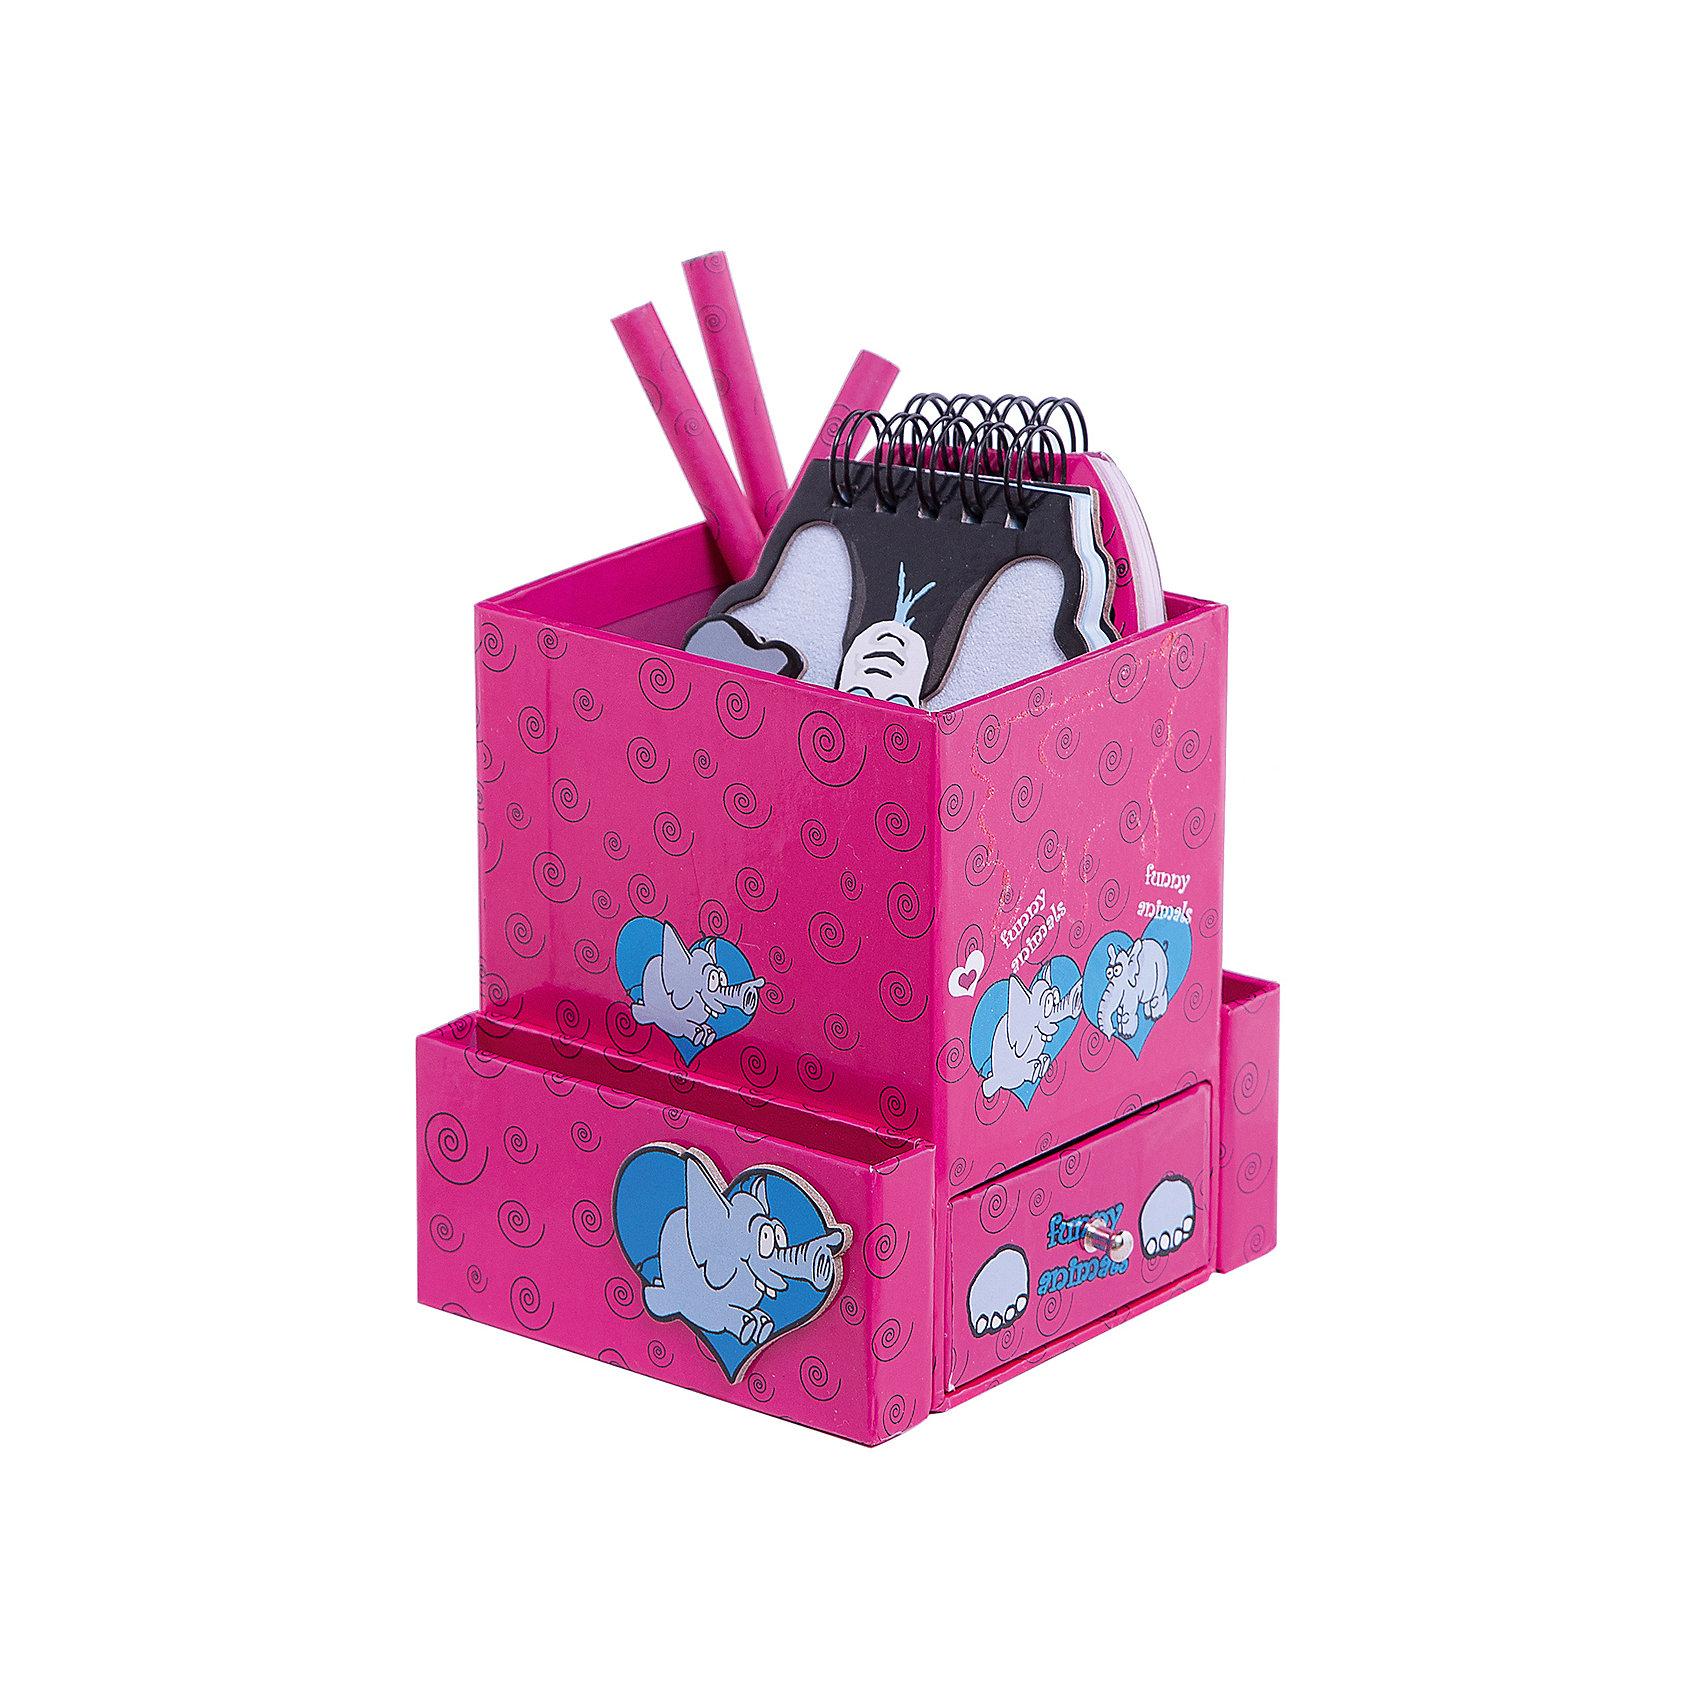 Феникс+ Подарочный канцелярский набор Слон (2 записные книжки,3 карандаша, ластик) записные книжки блока